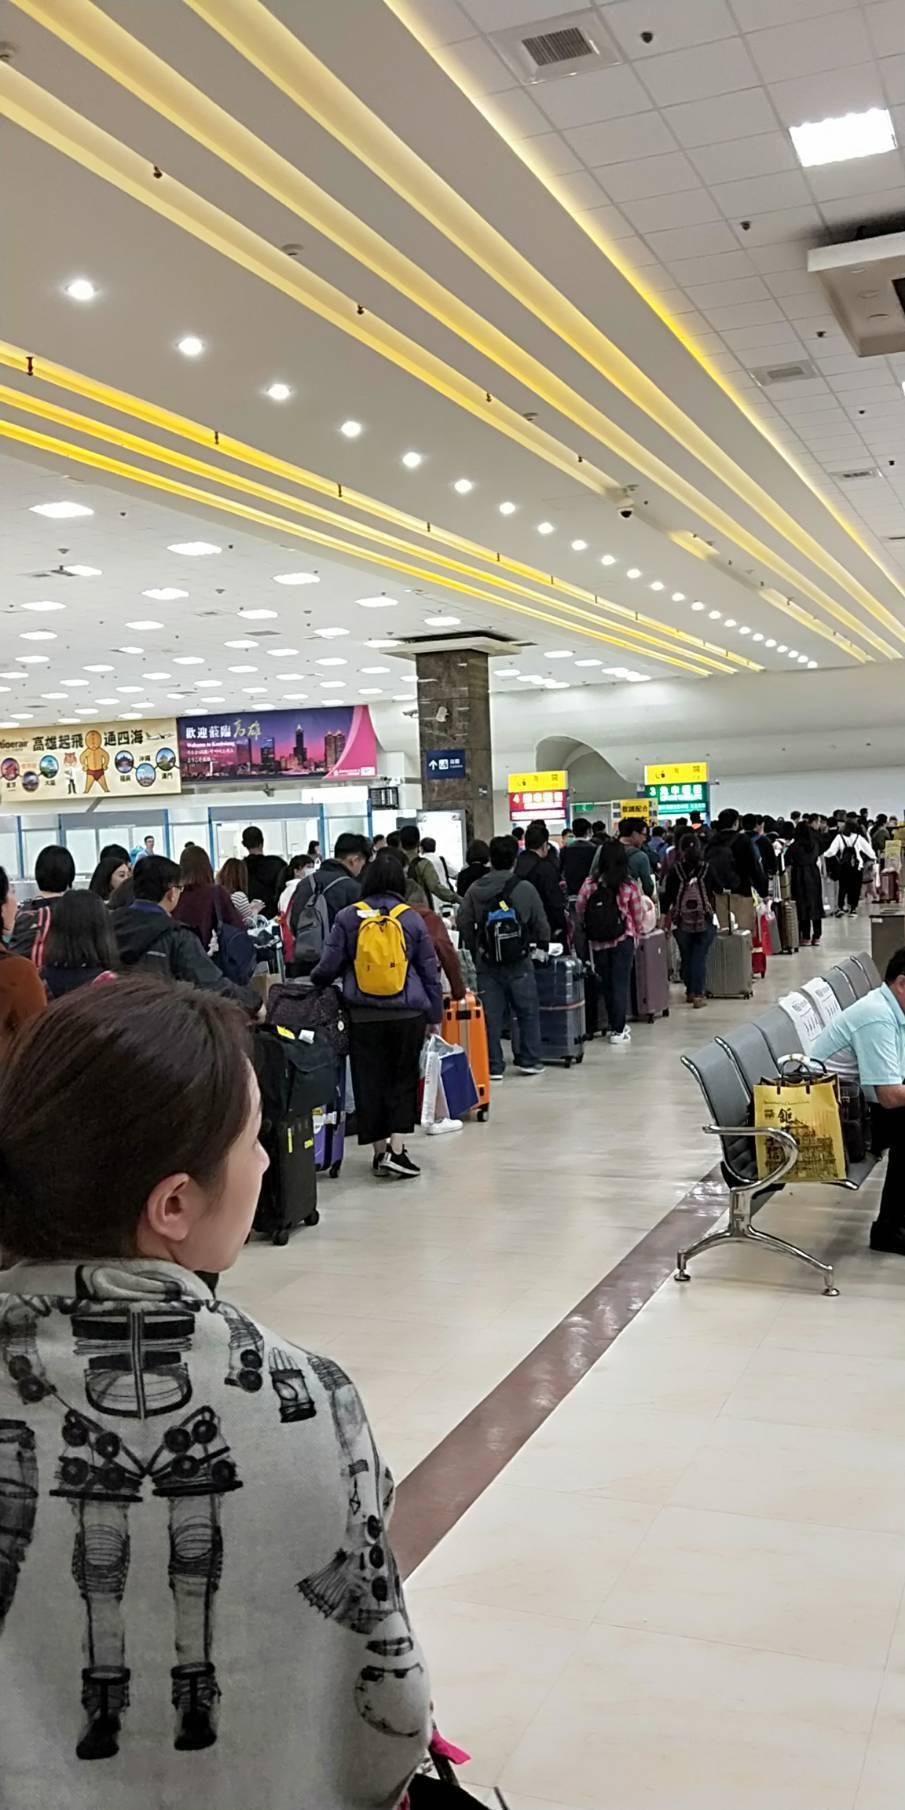 防範非洲豬瘟,海關查緝趨嚴,機場經常大排長龍。記者林政忠/攝影